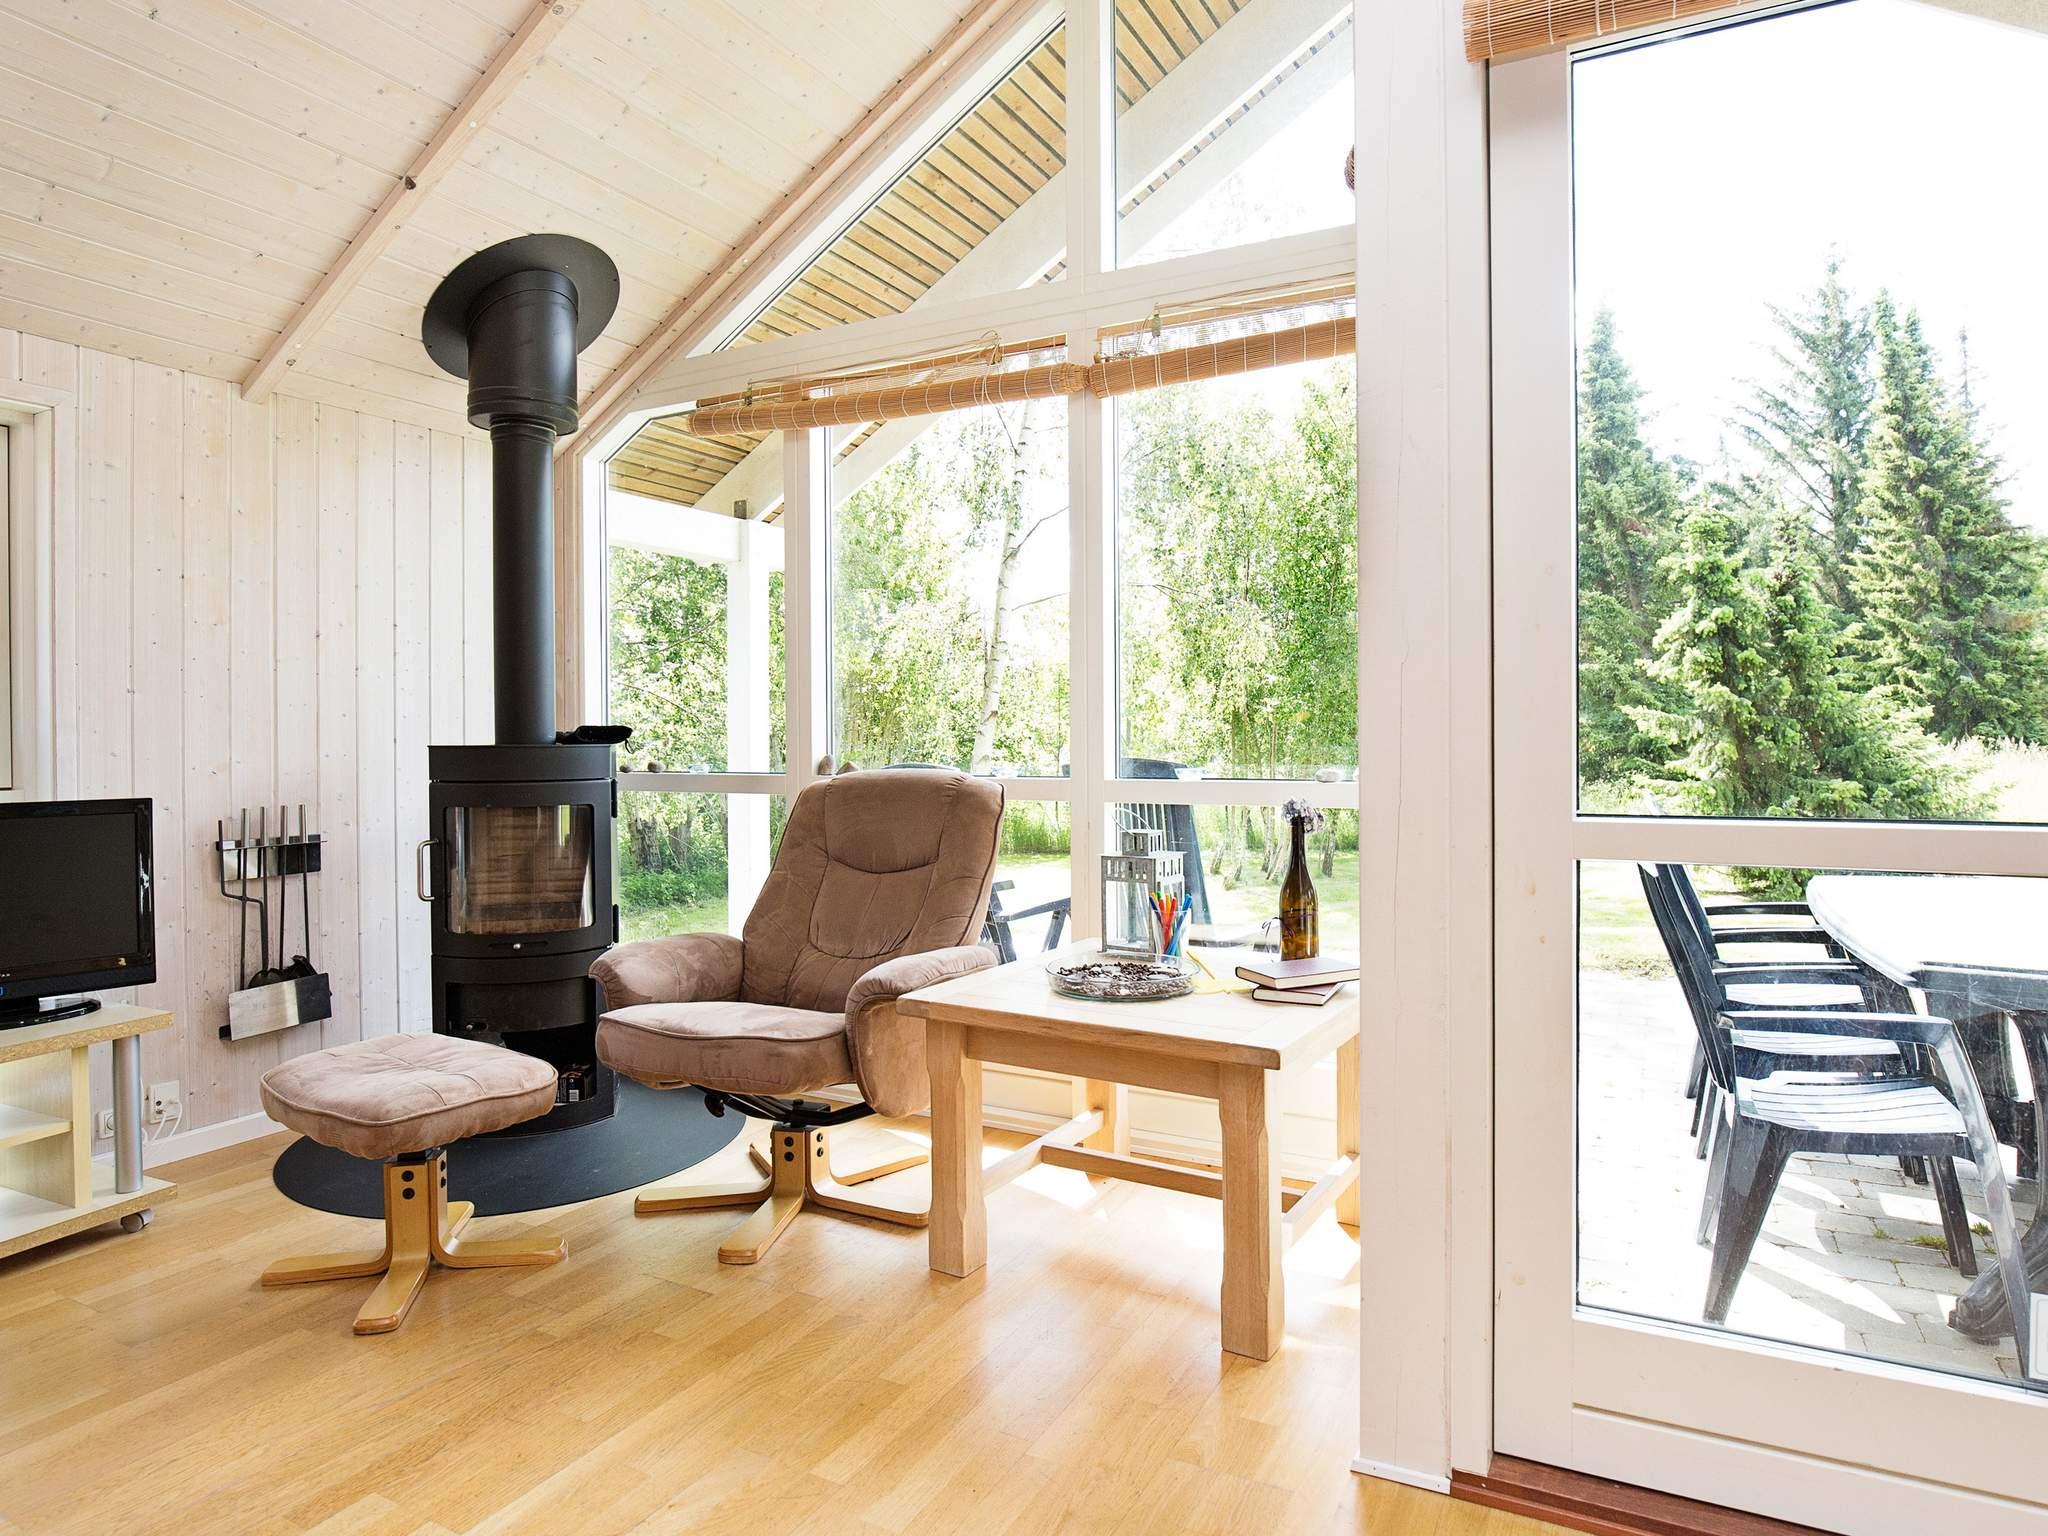 Ferienhaus Veddinge Bakker (216923), Asnæs, , Westseeland, Dänemark, Bild 4